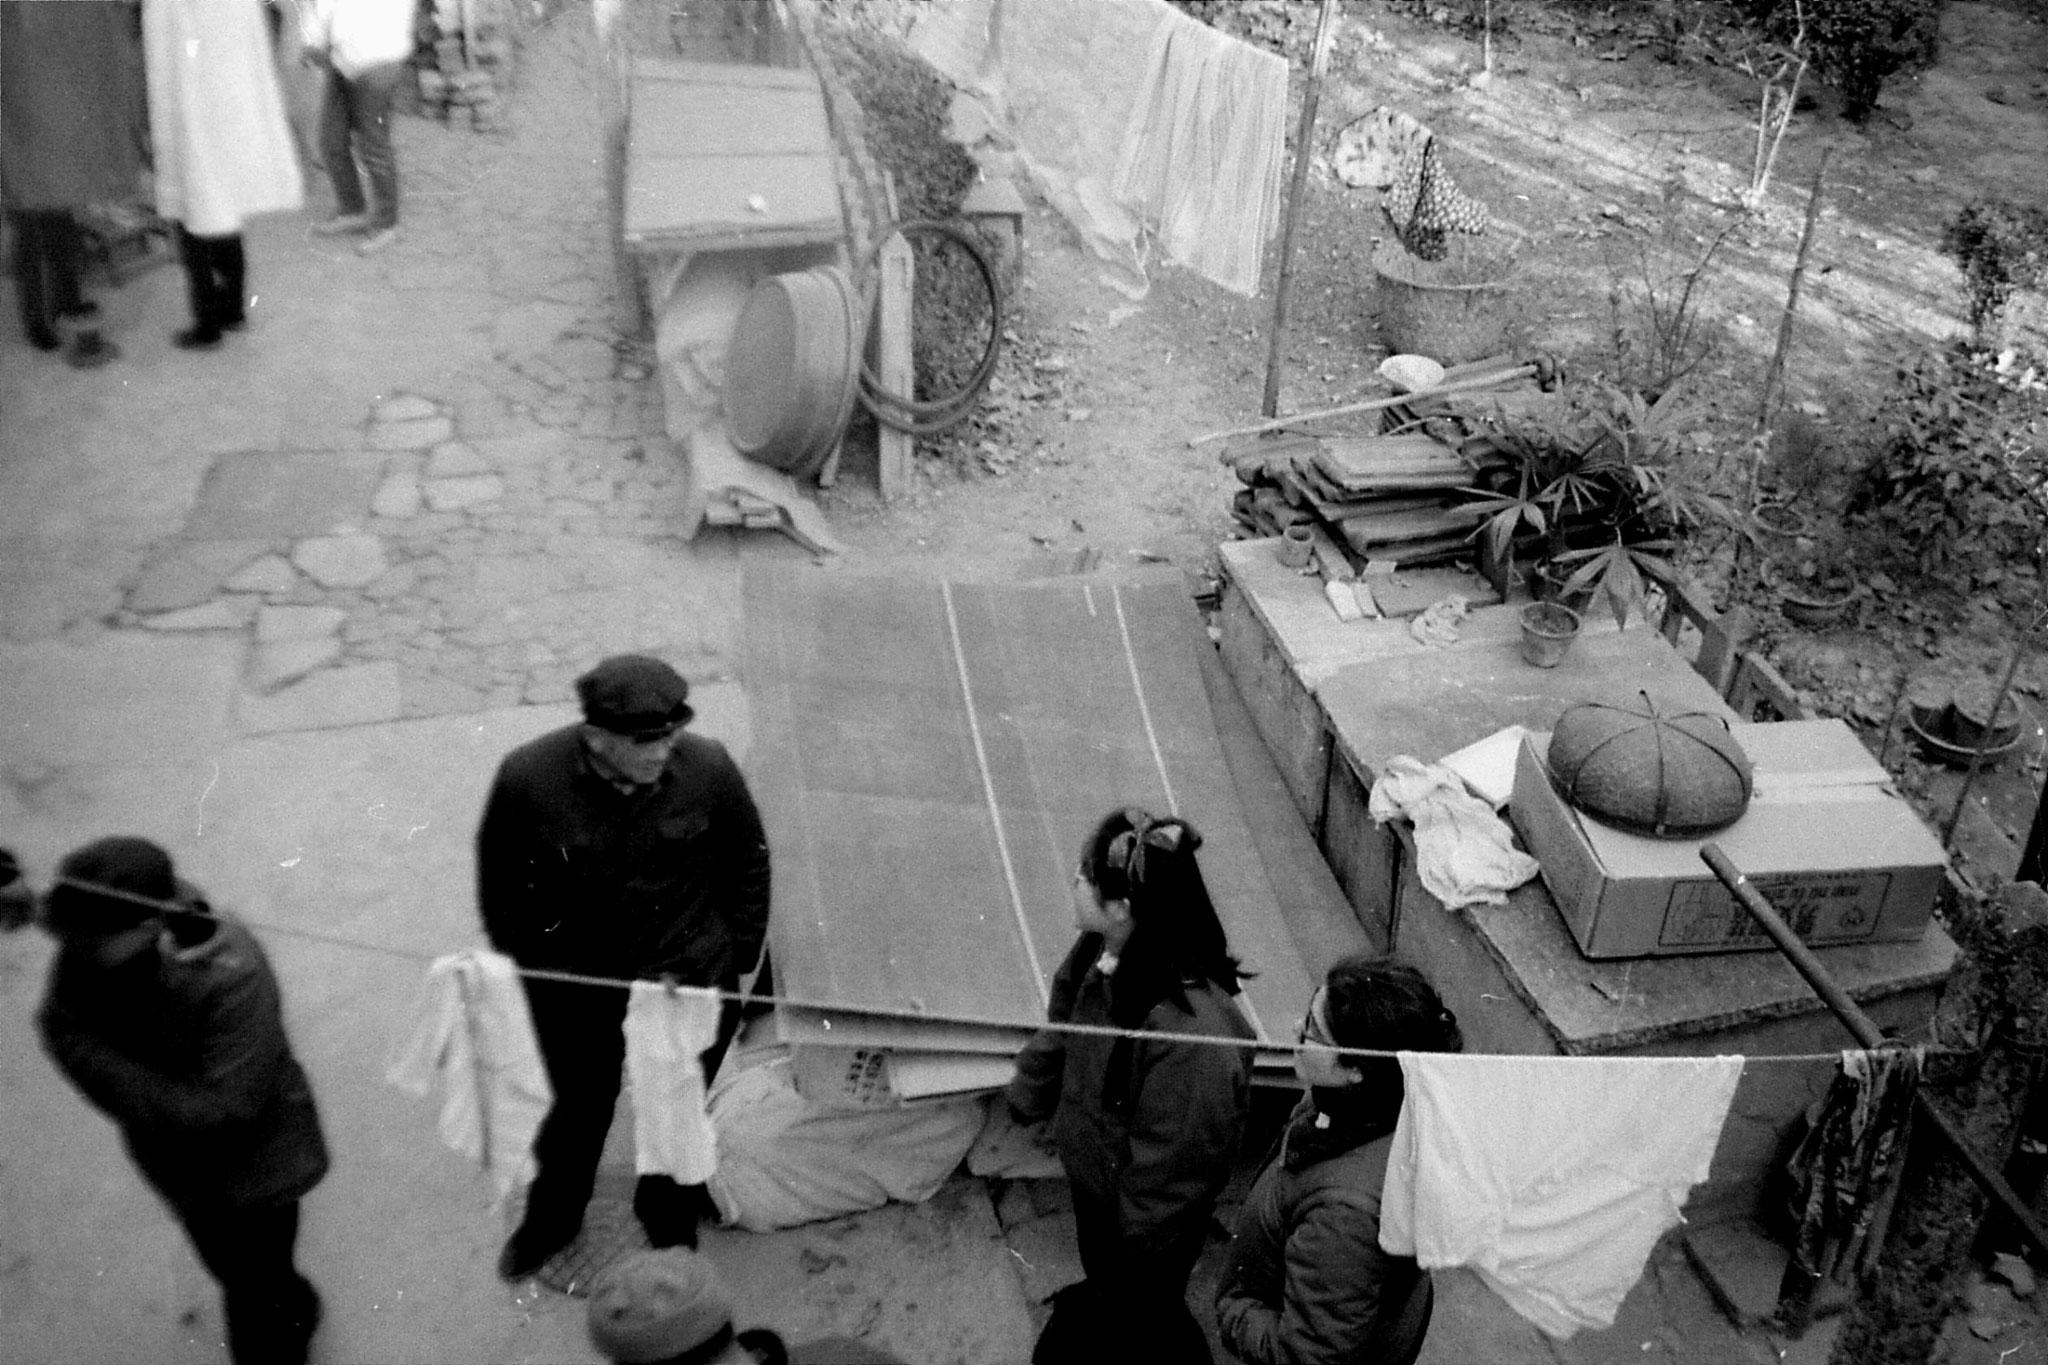 16/12/1988: 25: 139 Nanchang Lu